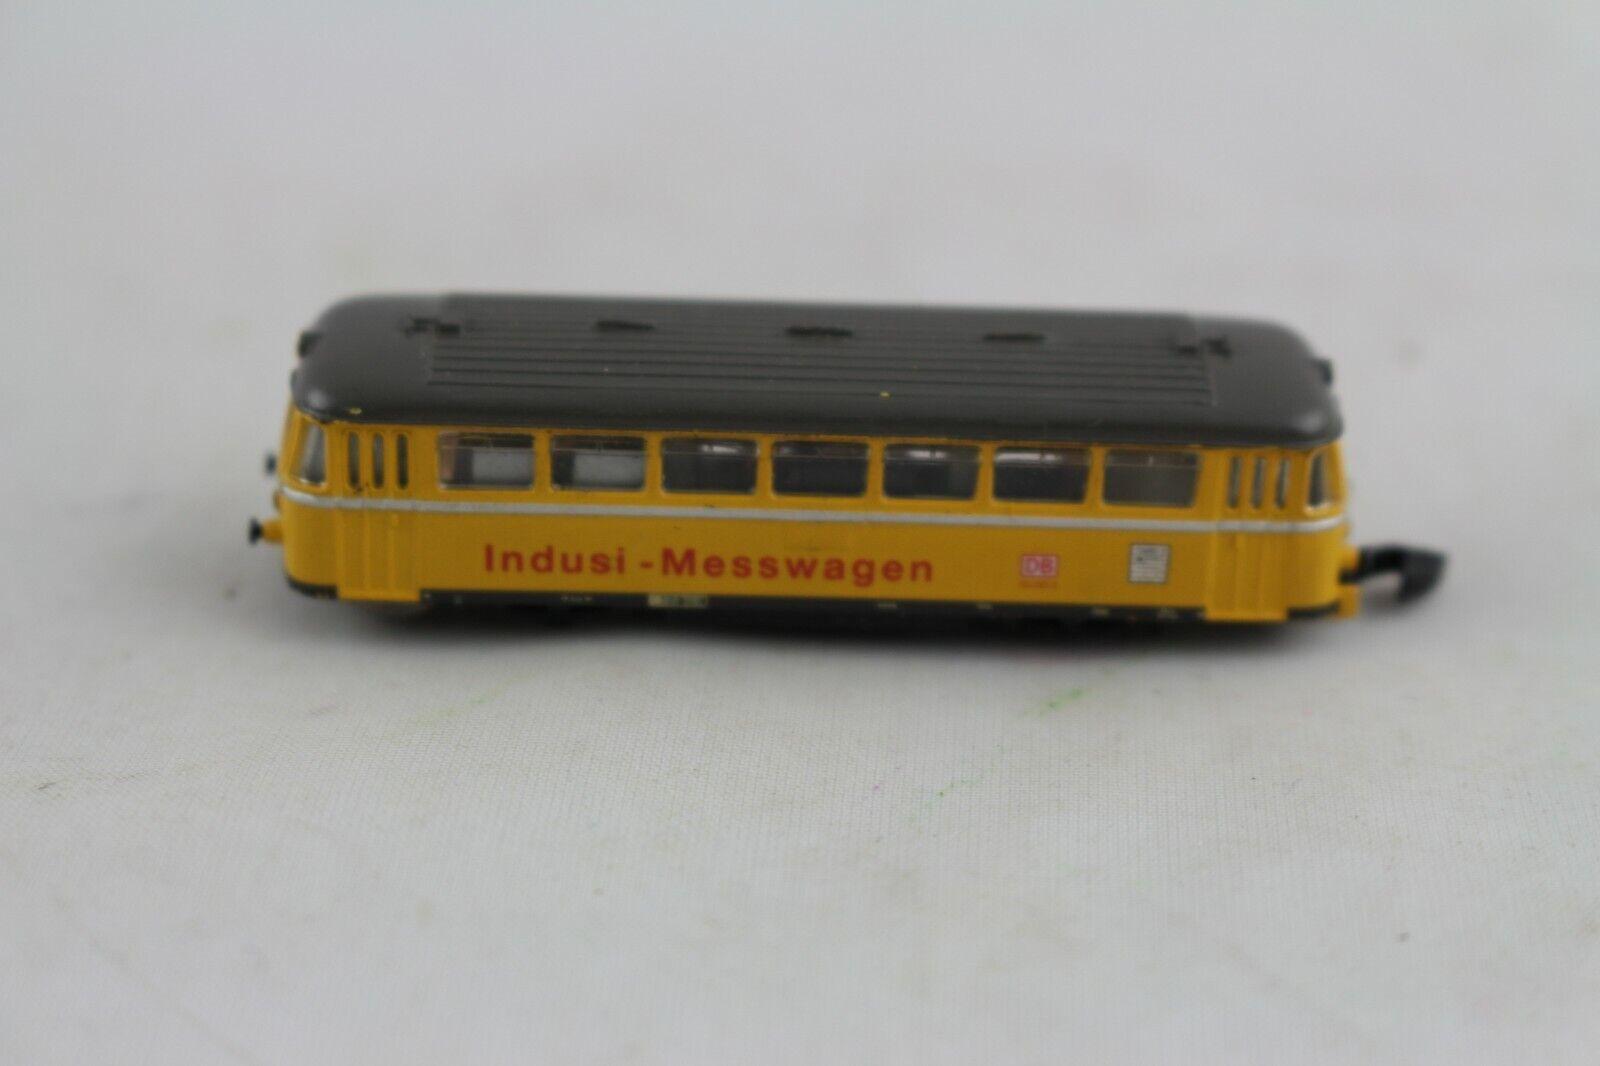 88021 INDUSI messwagen marklin mini-club Traccia Traccia Traccia Z + + TOP 6e1fbb